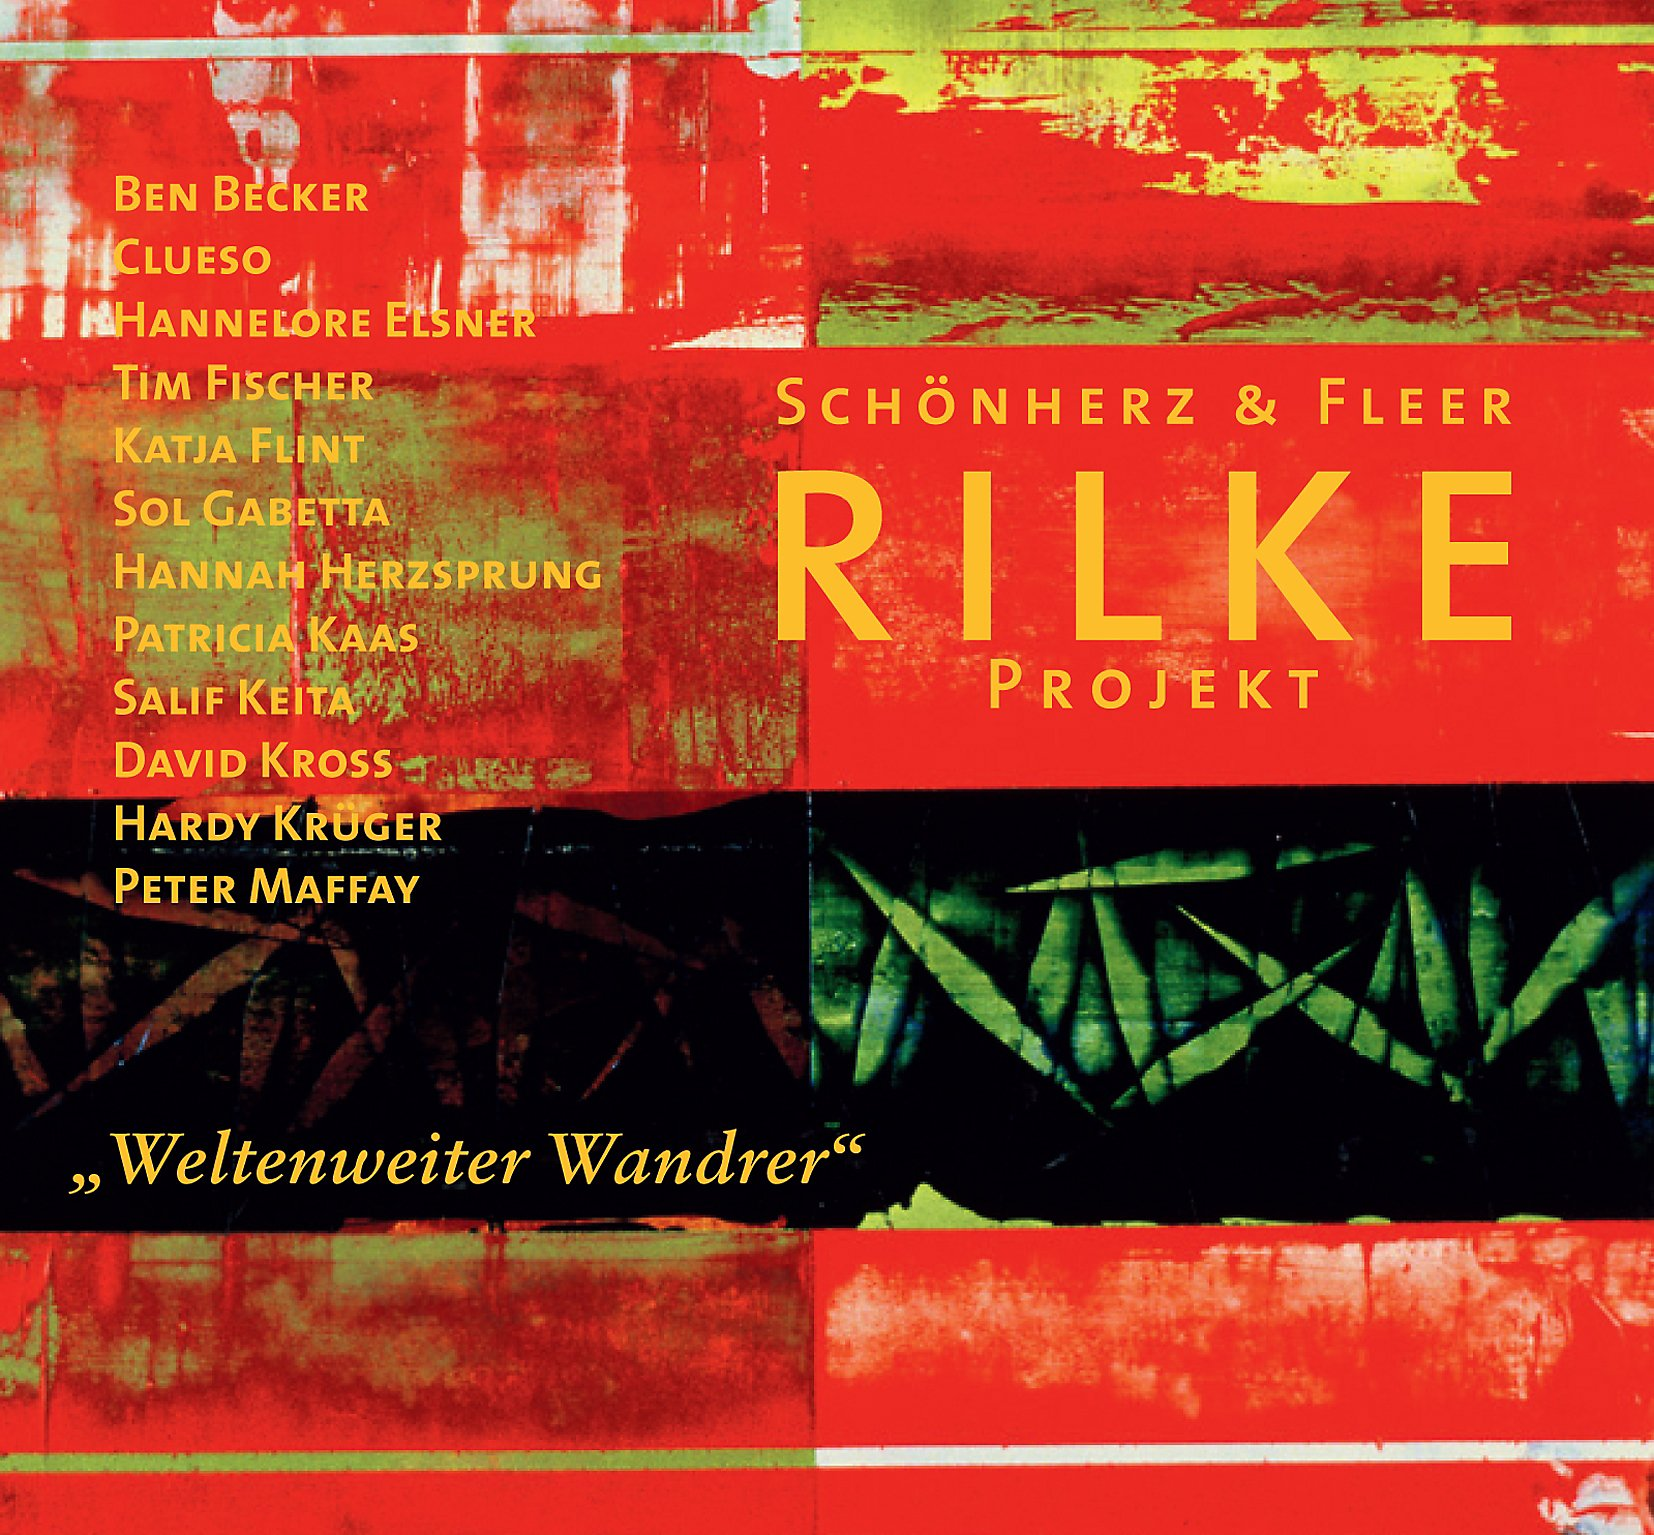 Rilke projekt 2016